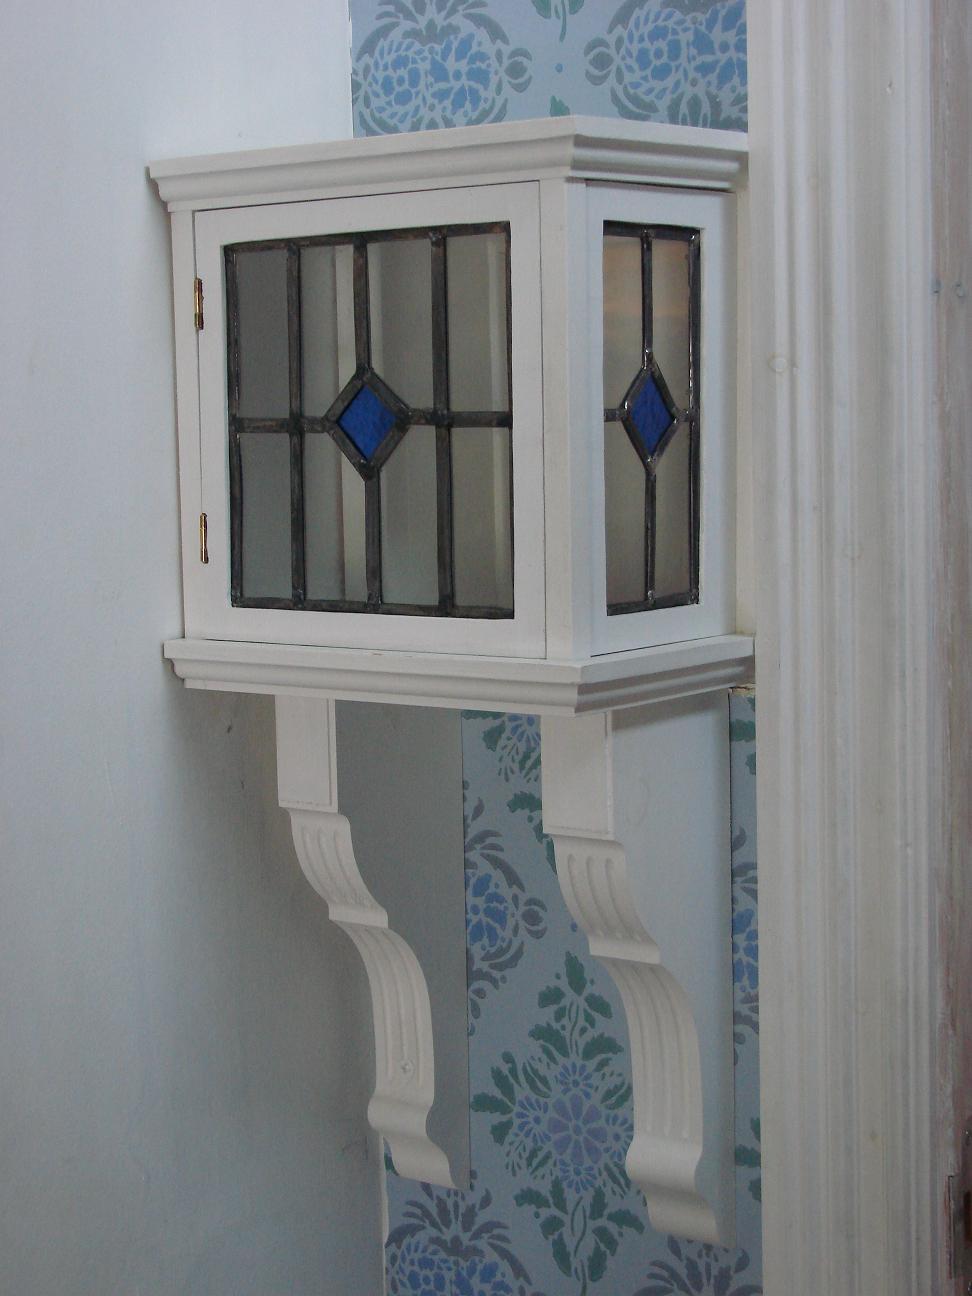 Fönster blyinfattade fönster : Med ögon känsliga för blÃ¥tt: Veckans hus - blyinfattat